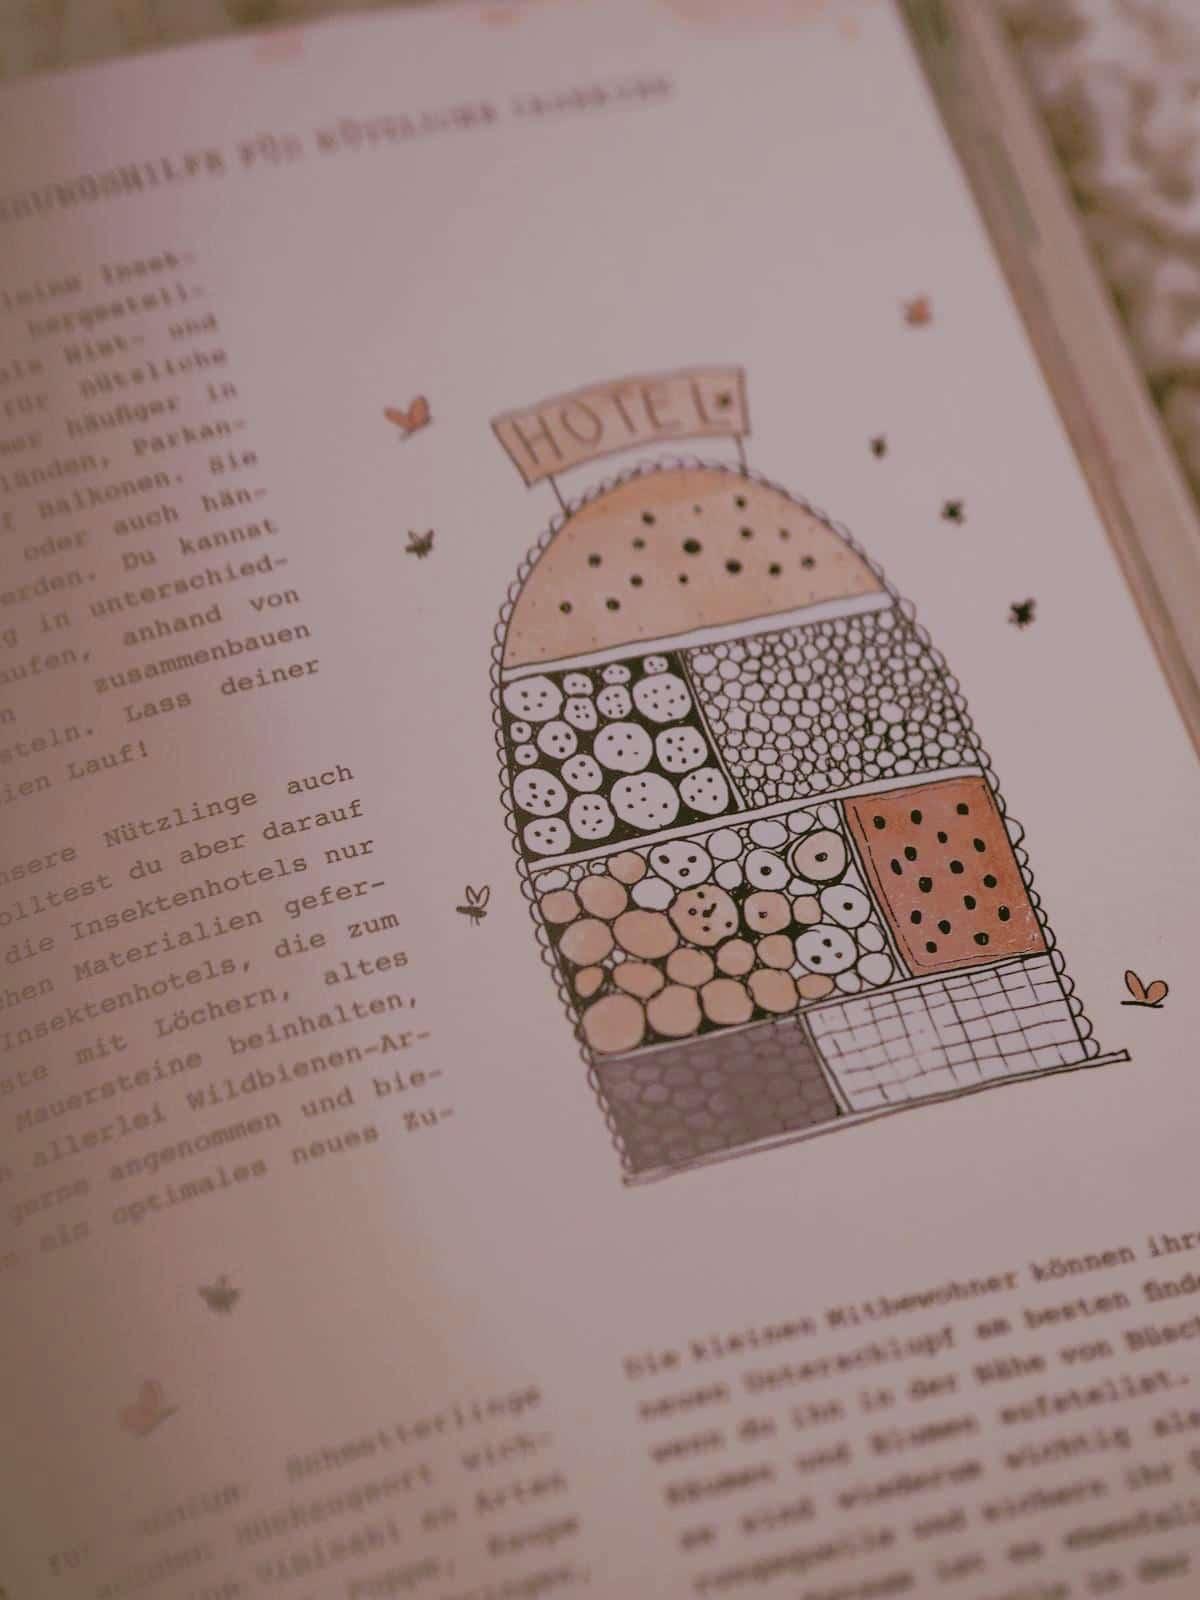 Insektenhotel Projekt aus Mein Pflanzenjournal von Julia Ruda